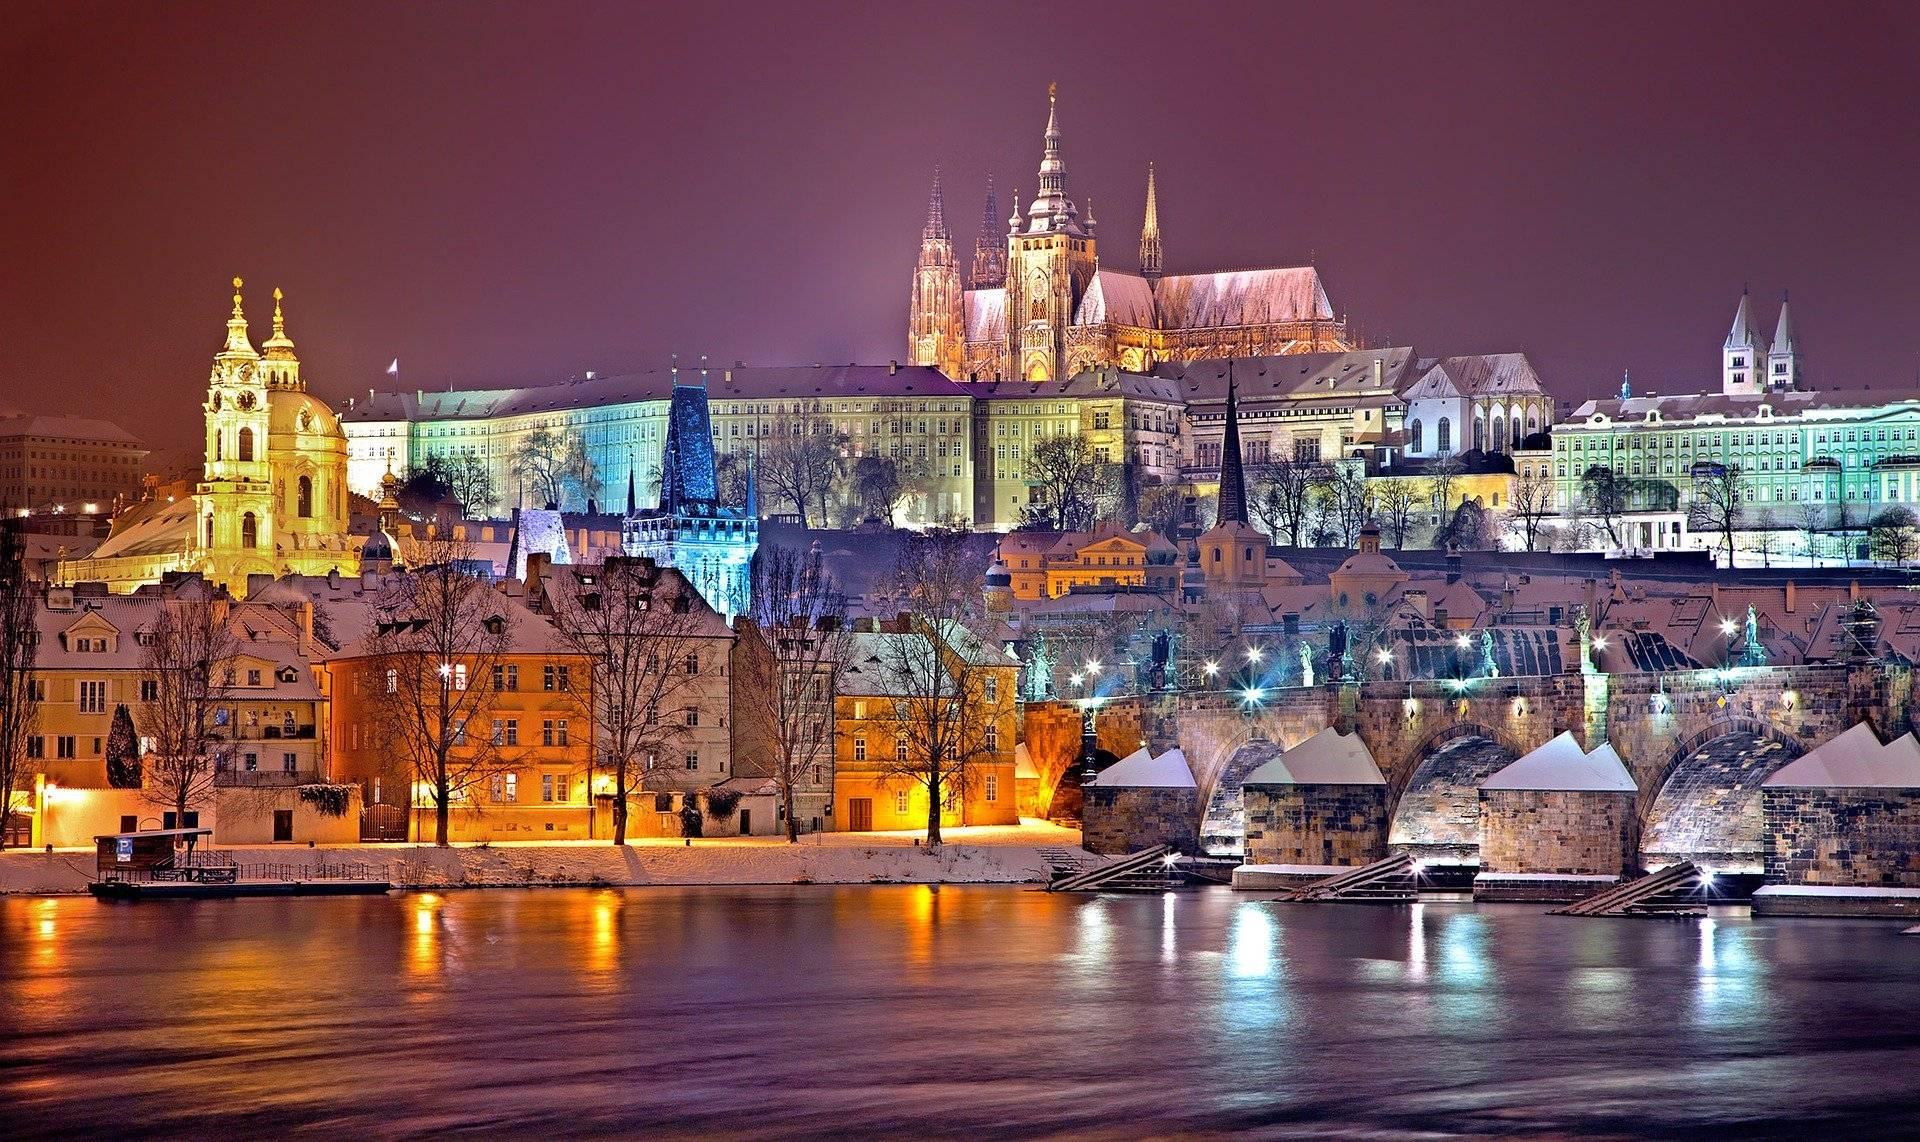 Praga - gdzie zrobić najpiękniejsze zdjęcia?